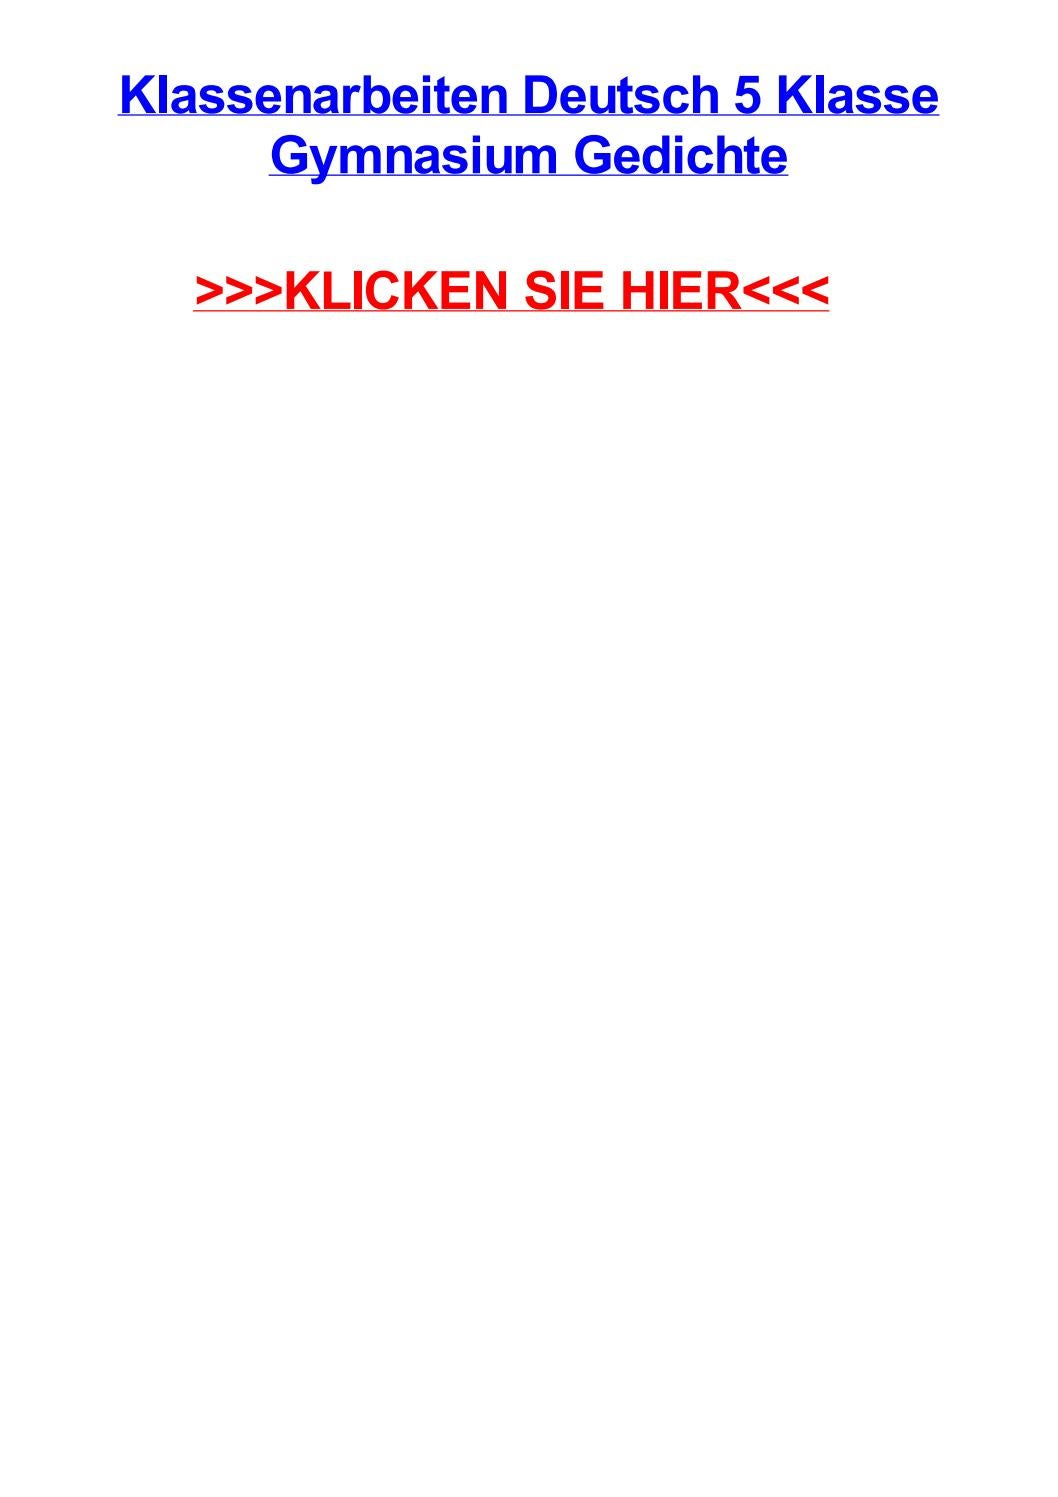 Klassenarbeiten Deutsch 5 Klasse Gymnasium Gedichte By